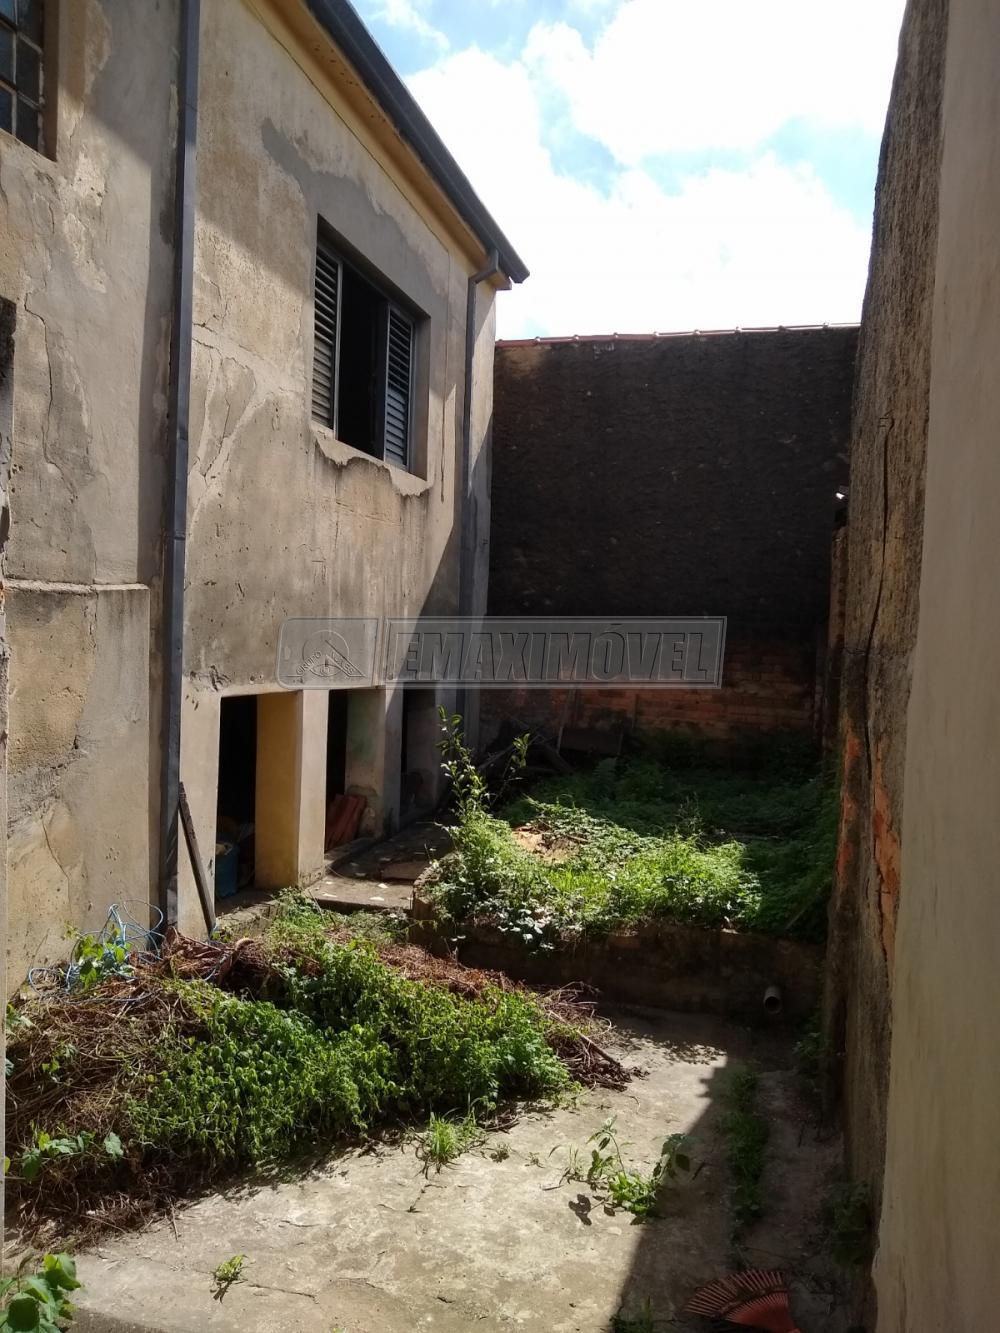 Comprar Casas / em Bairros em Sorocaba apenas R$ 245.000,00 - Foto 10